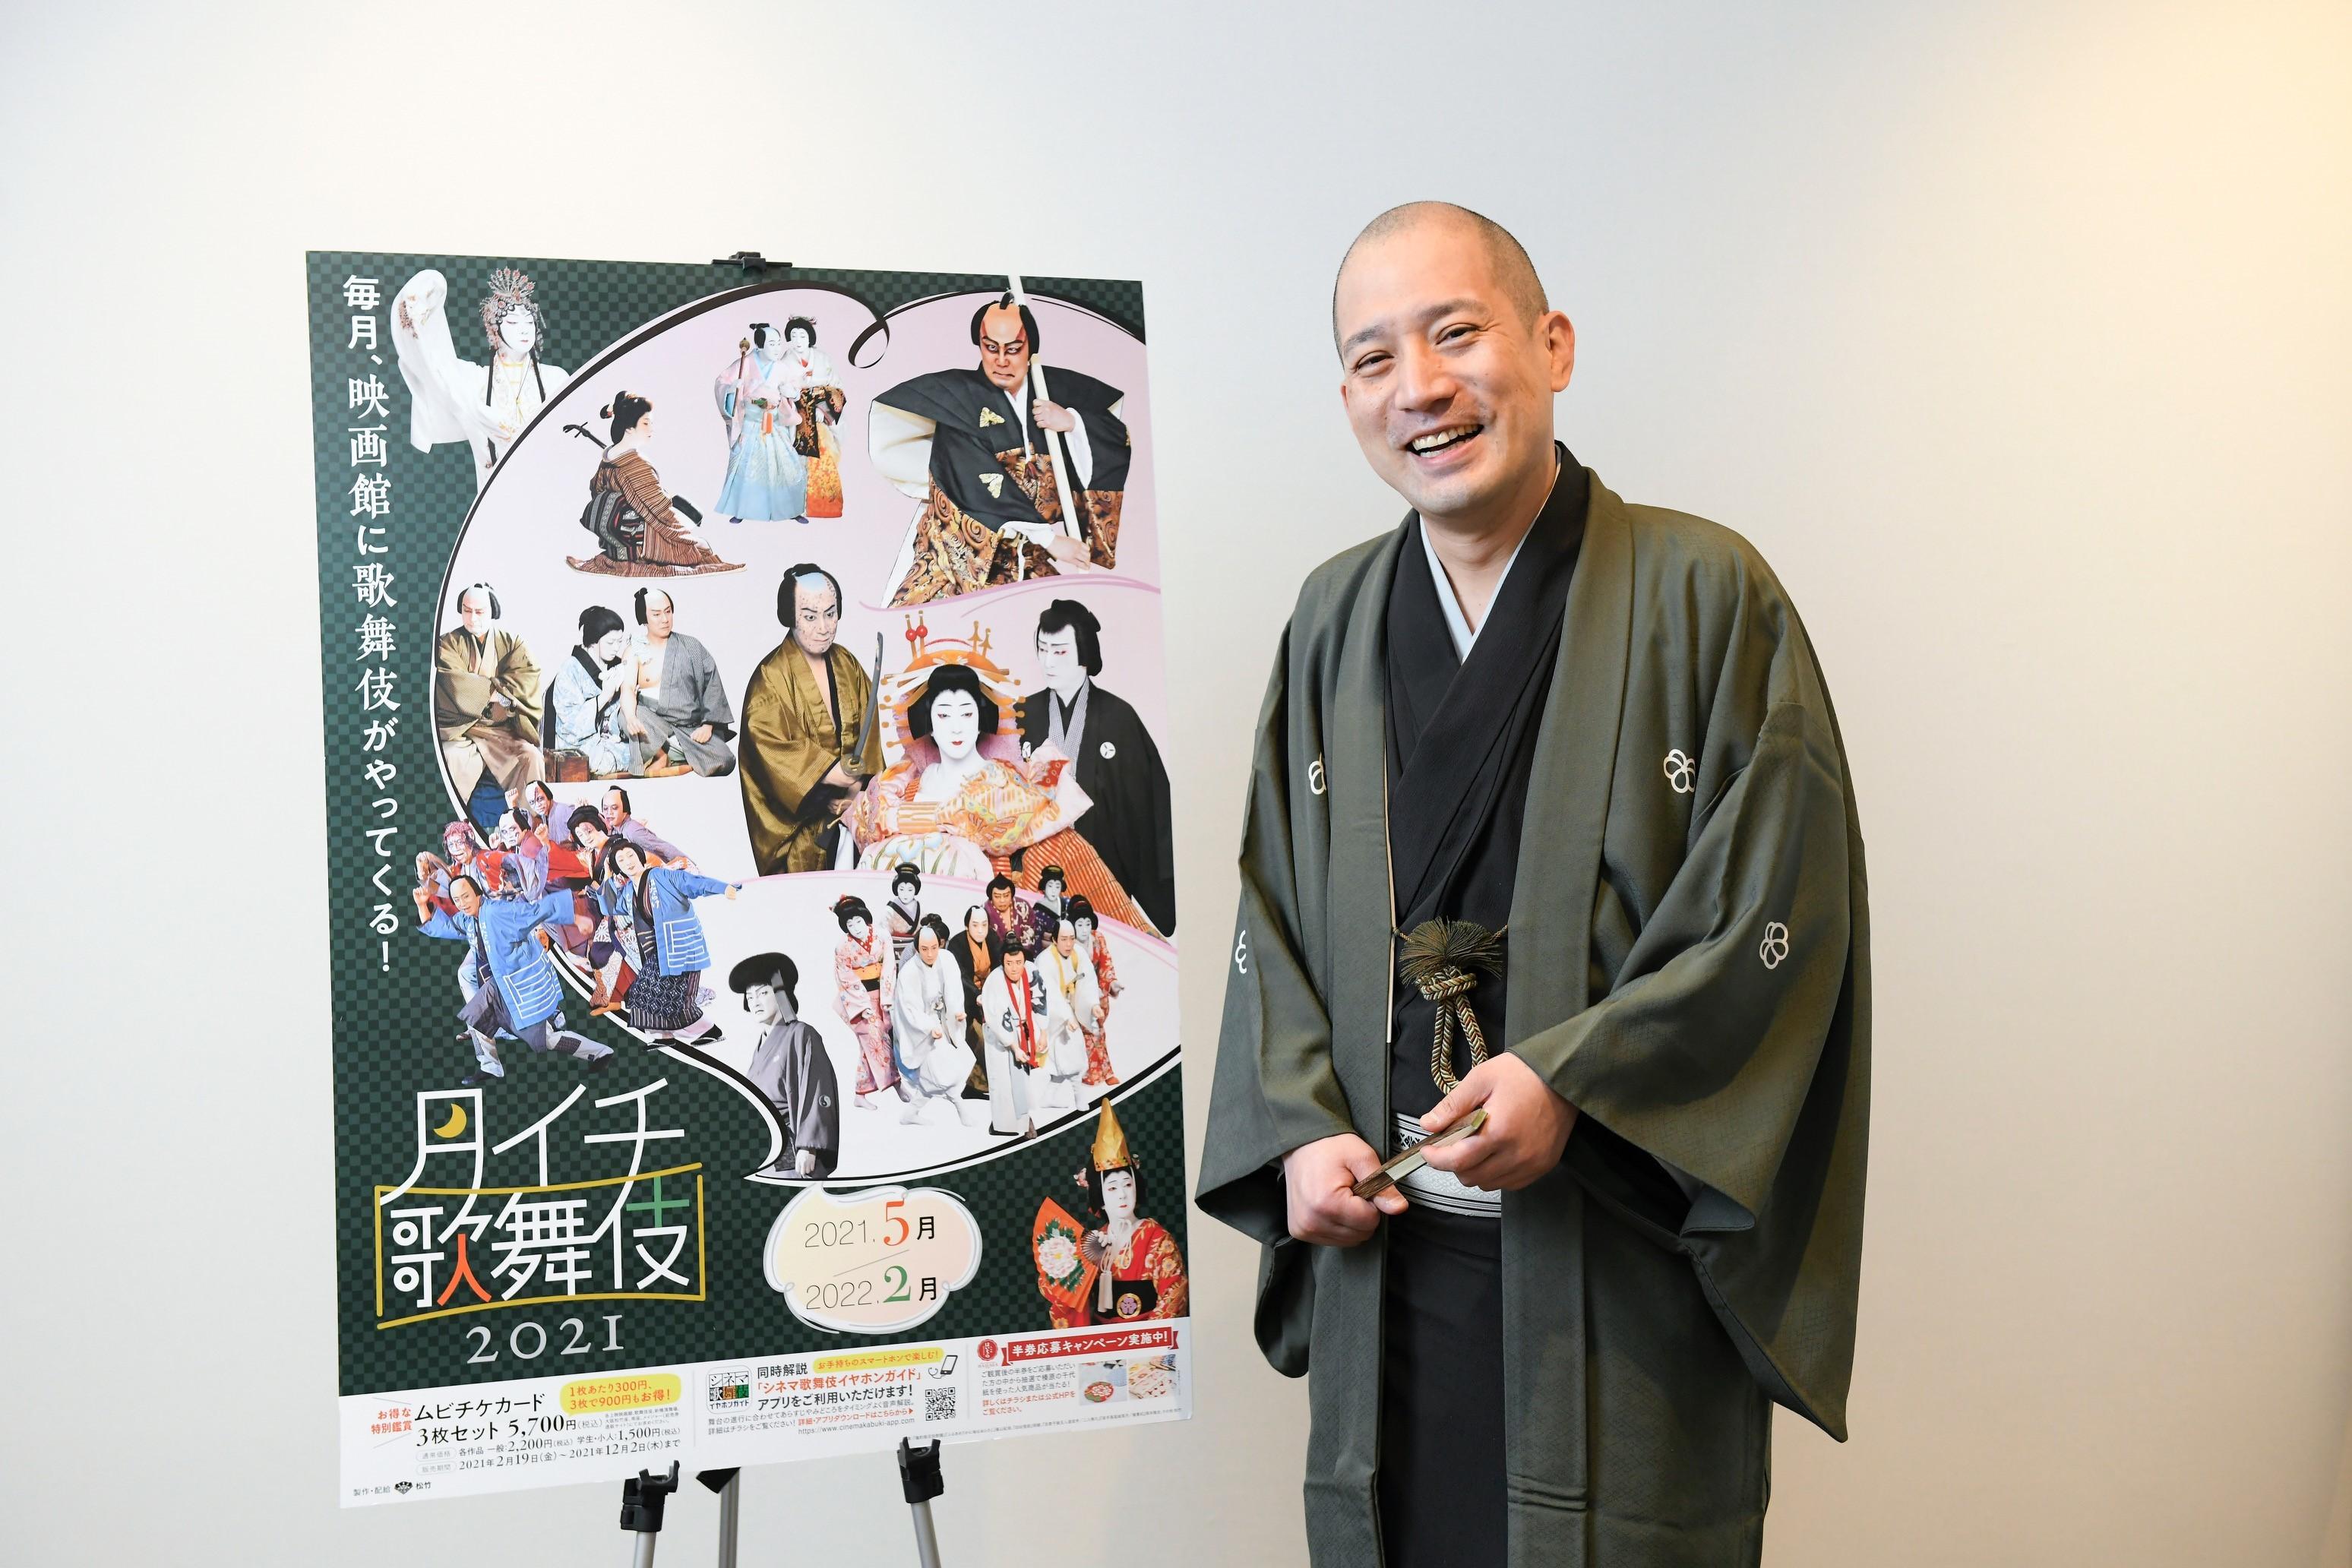 「もし歌舞伎俳優だったらつとめてみたい役柄は……」人気落語家・春風亭一之輔さんが語る、歌舞伎愛_1_3